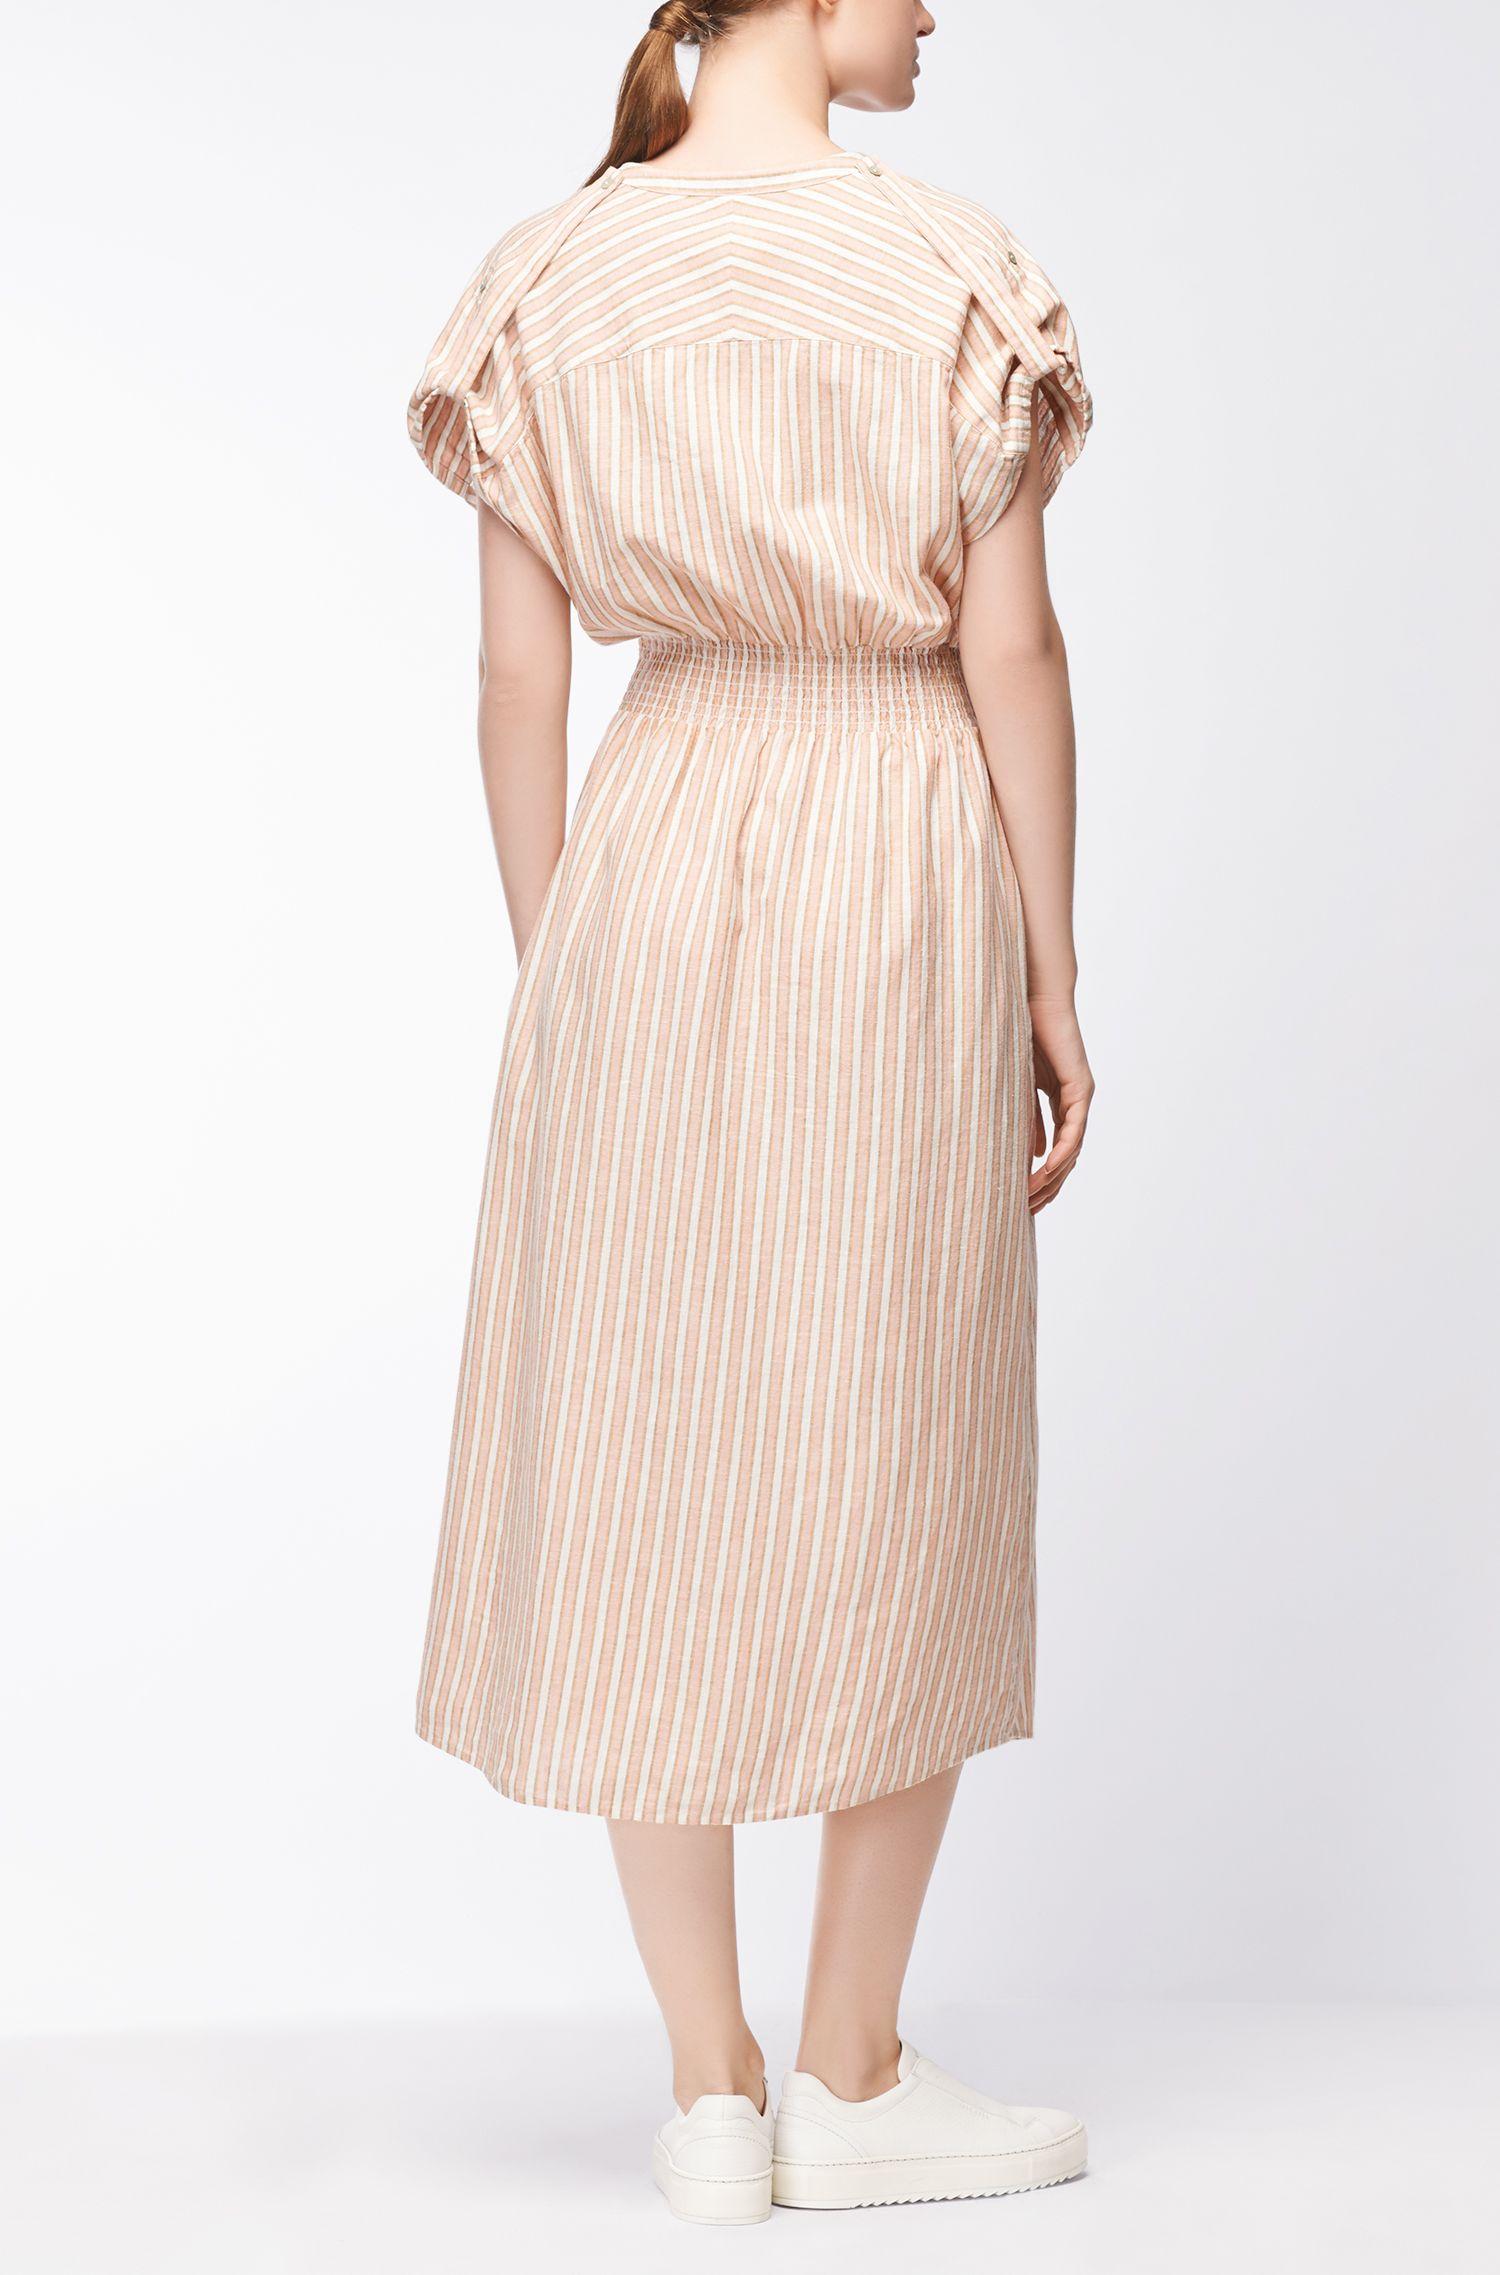 Gestreepte jurk van een linnenmix met gesmokte taille